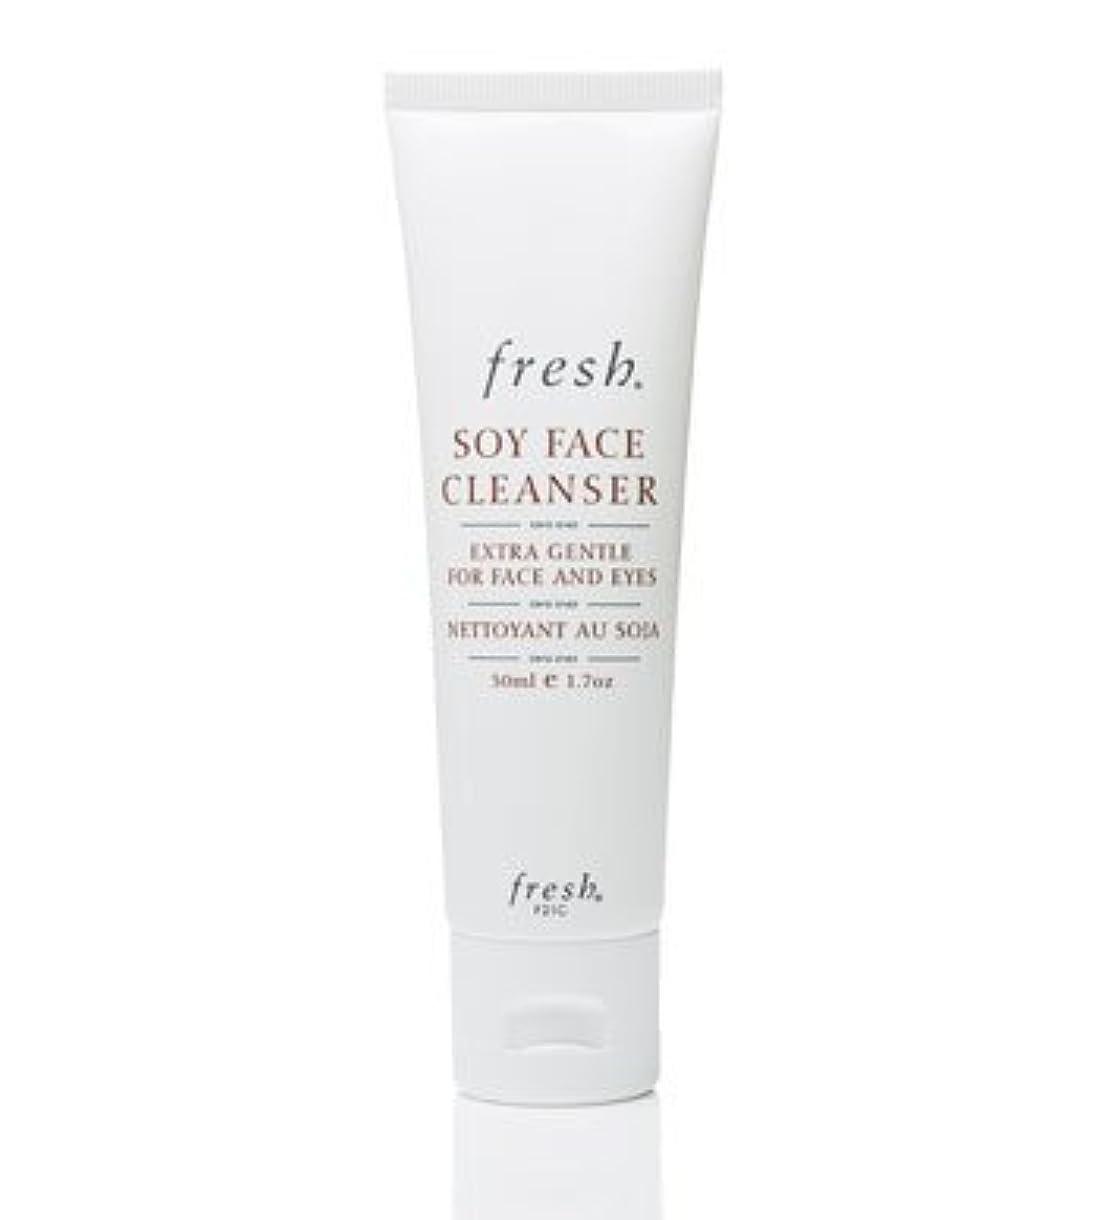 高いスイス人ギャングFresh SOY FACE CLEANSER (フレッシュ ソイ フェイスクレンザー) 1.7 oz (50ml) by Fresh for Women